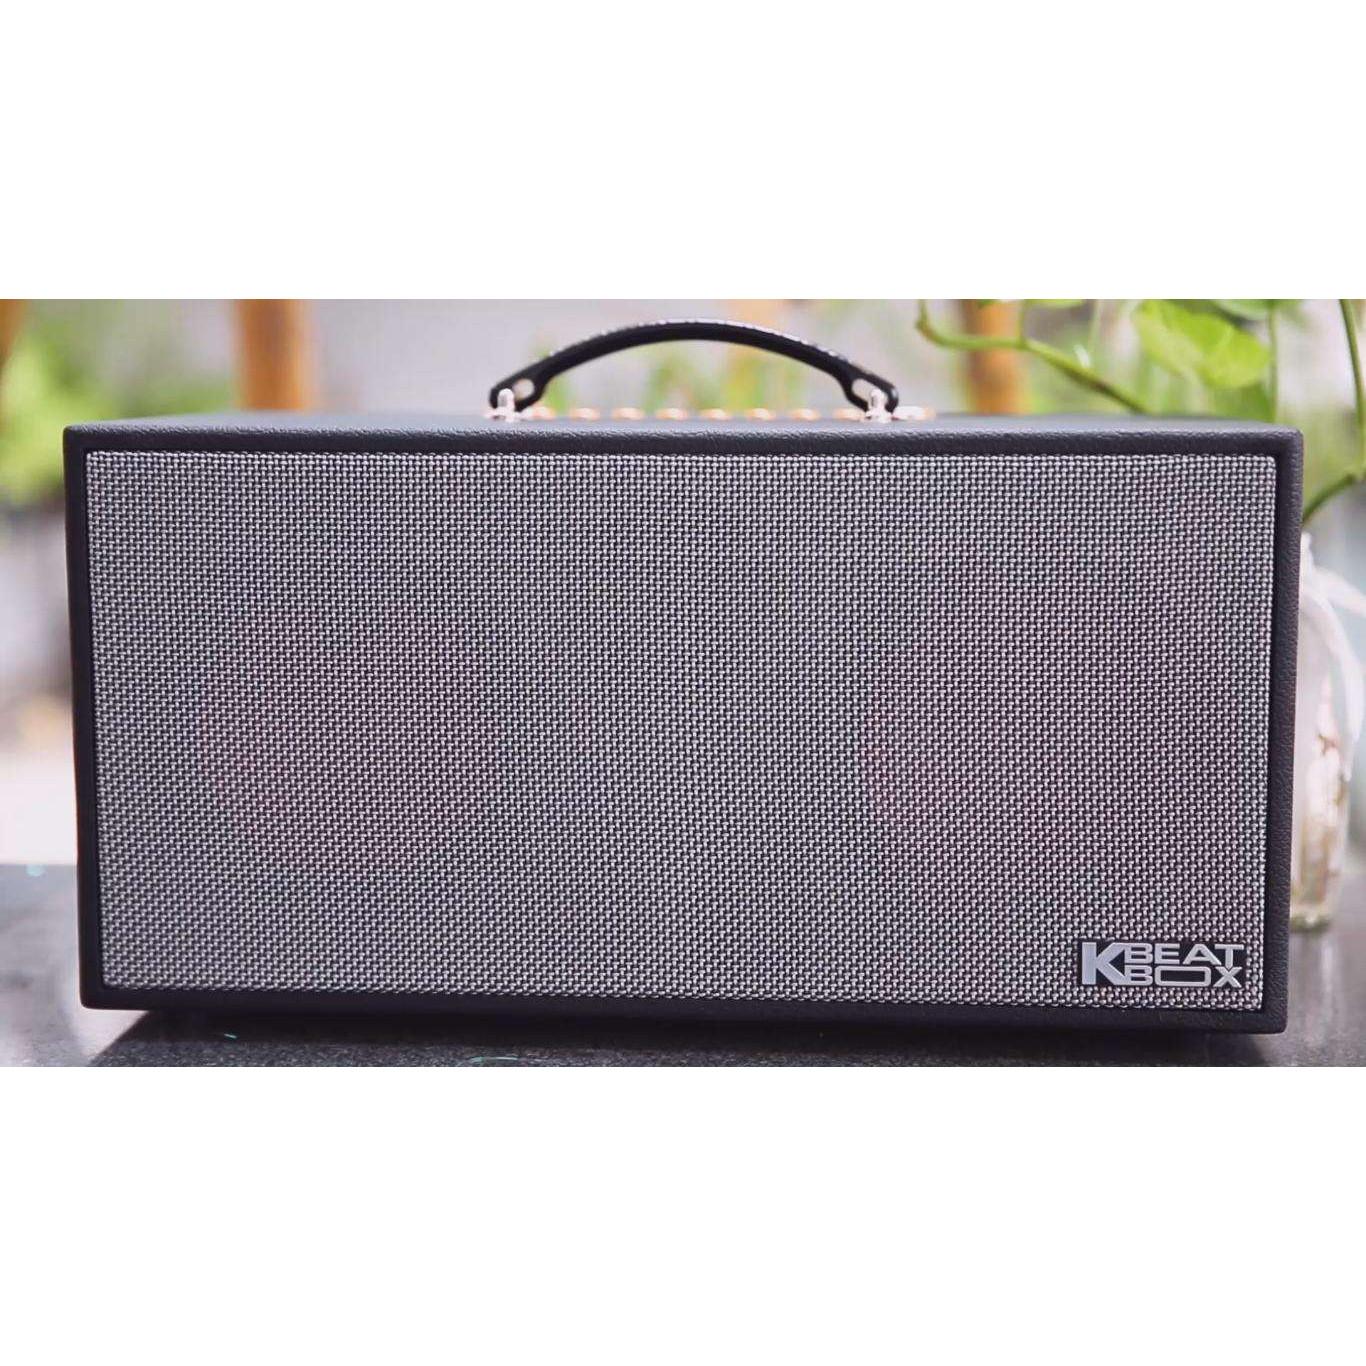 Loa karaoke Mini Acnos KSnet450 Tích hợp đầu karaoke Android 4k, Điều khiển giọng nói -  Chính Hãng